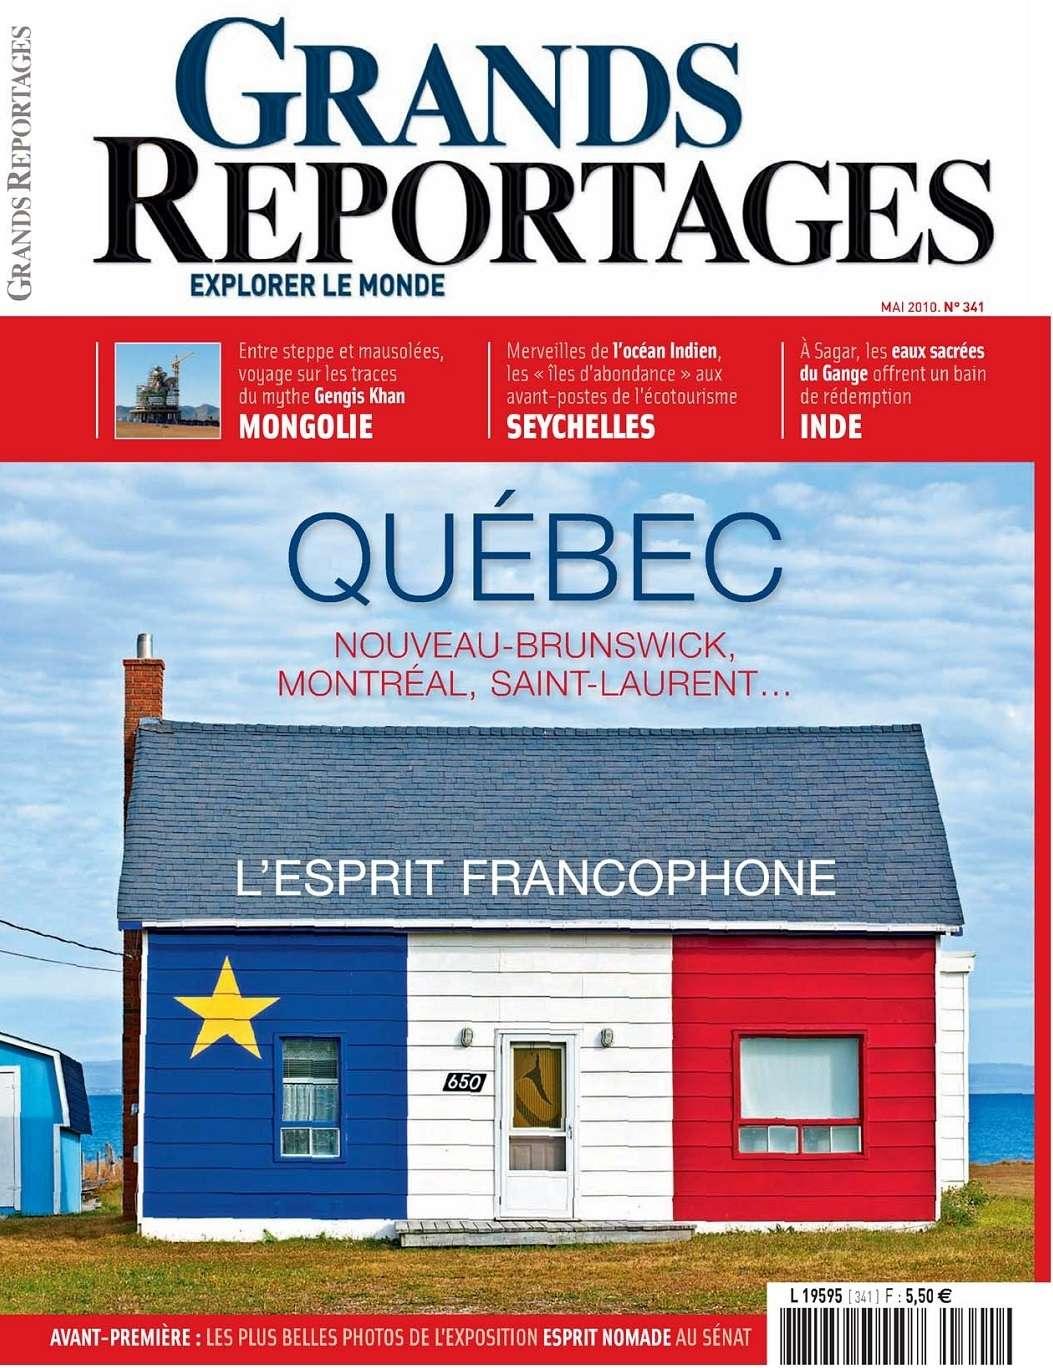 Grands Reportages 341 - Québec : l'esprit francophone